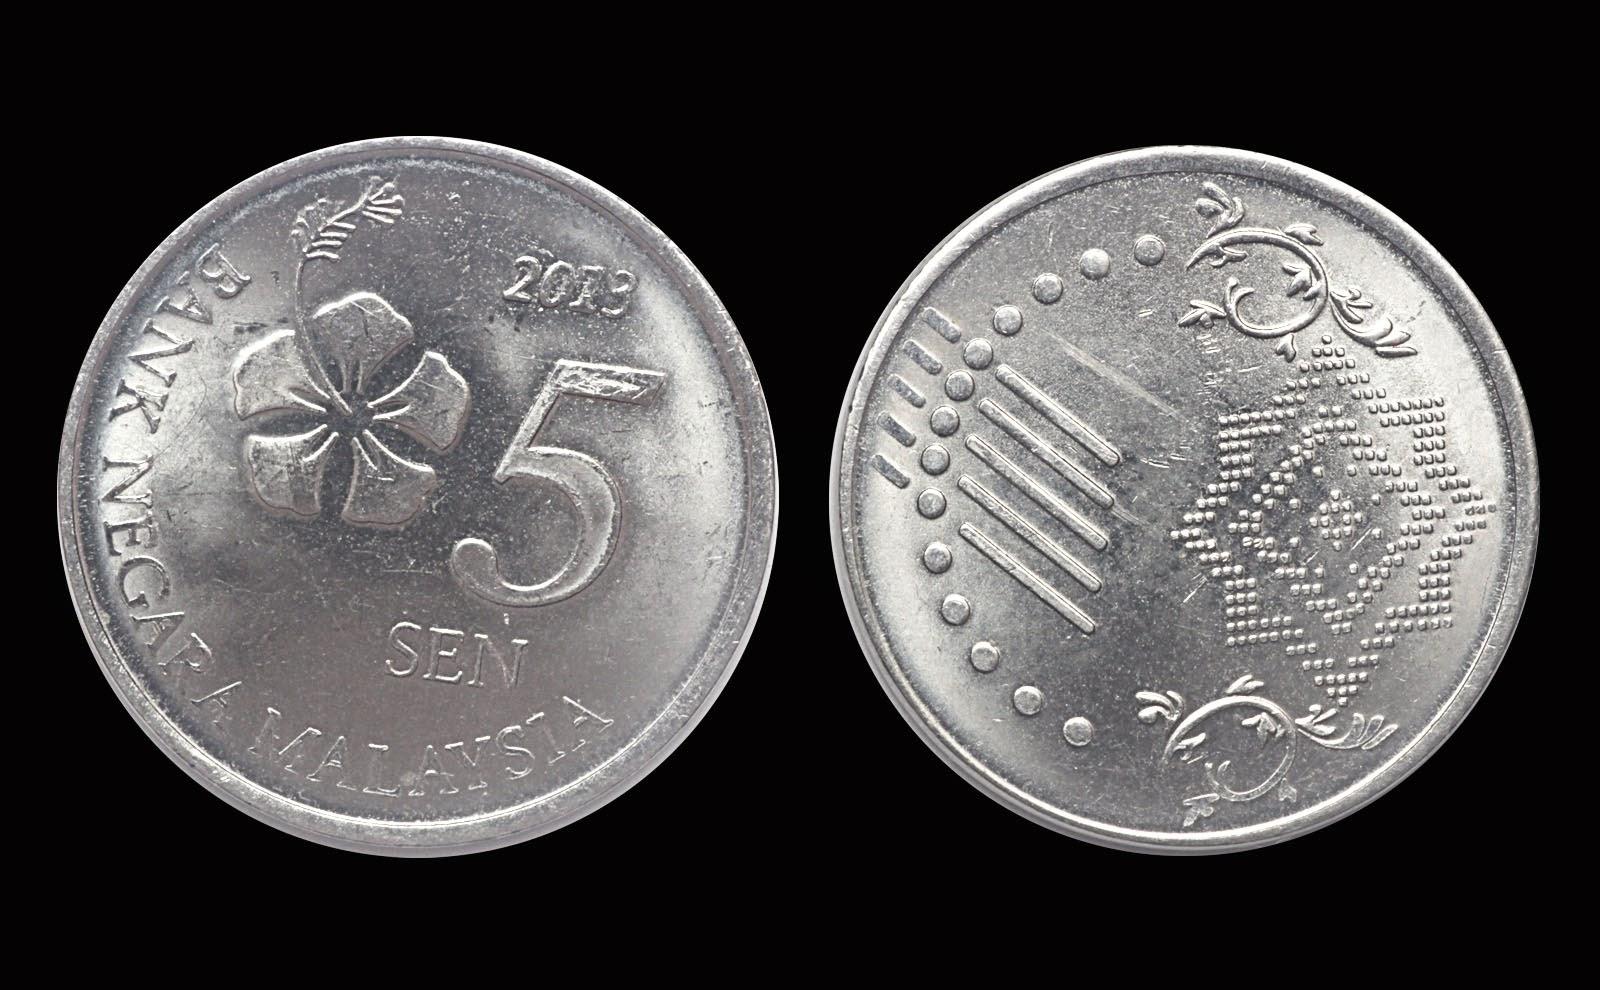 Malaysia 5 sen 2013 coin